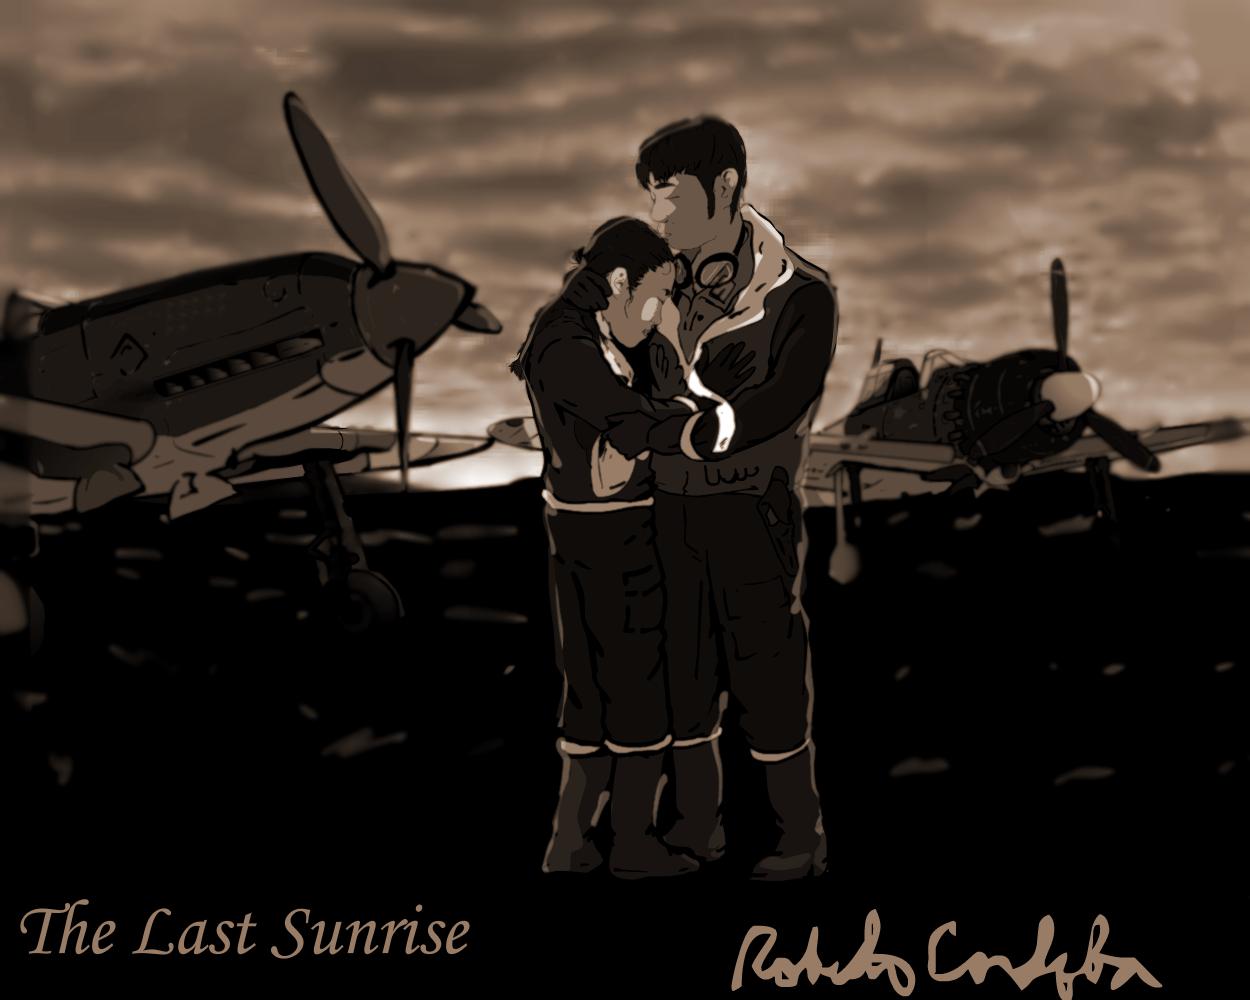 The Last Sunrise - Green Skies